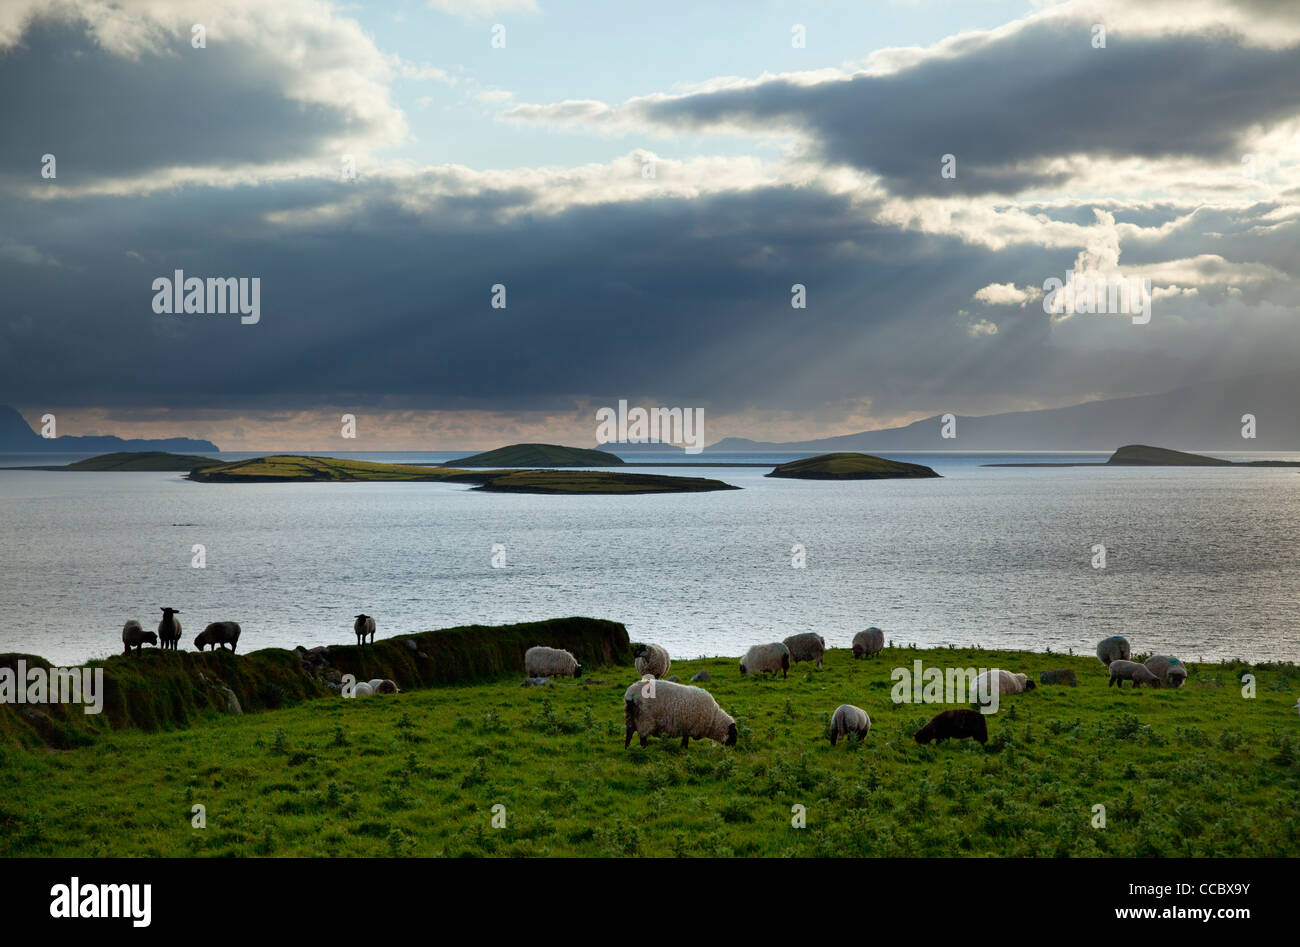 Des moutons paissant à côté de Clew Bay, comté de Mayo, Irlande. Photo Stock